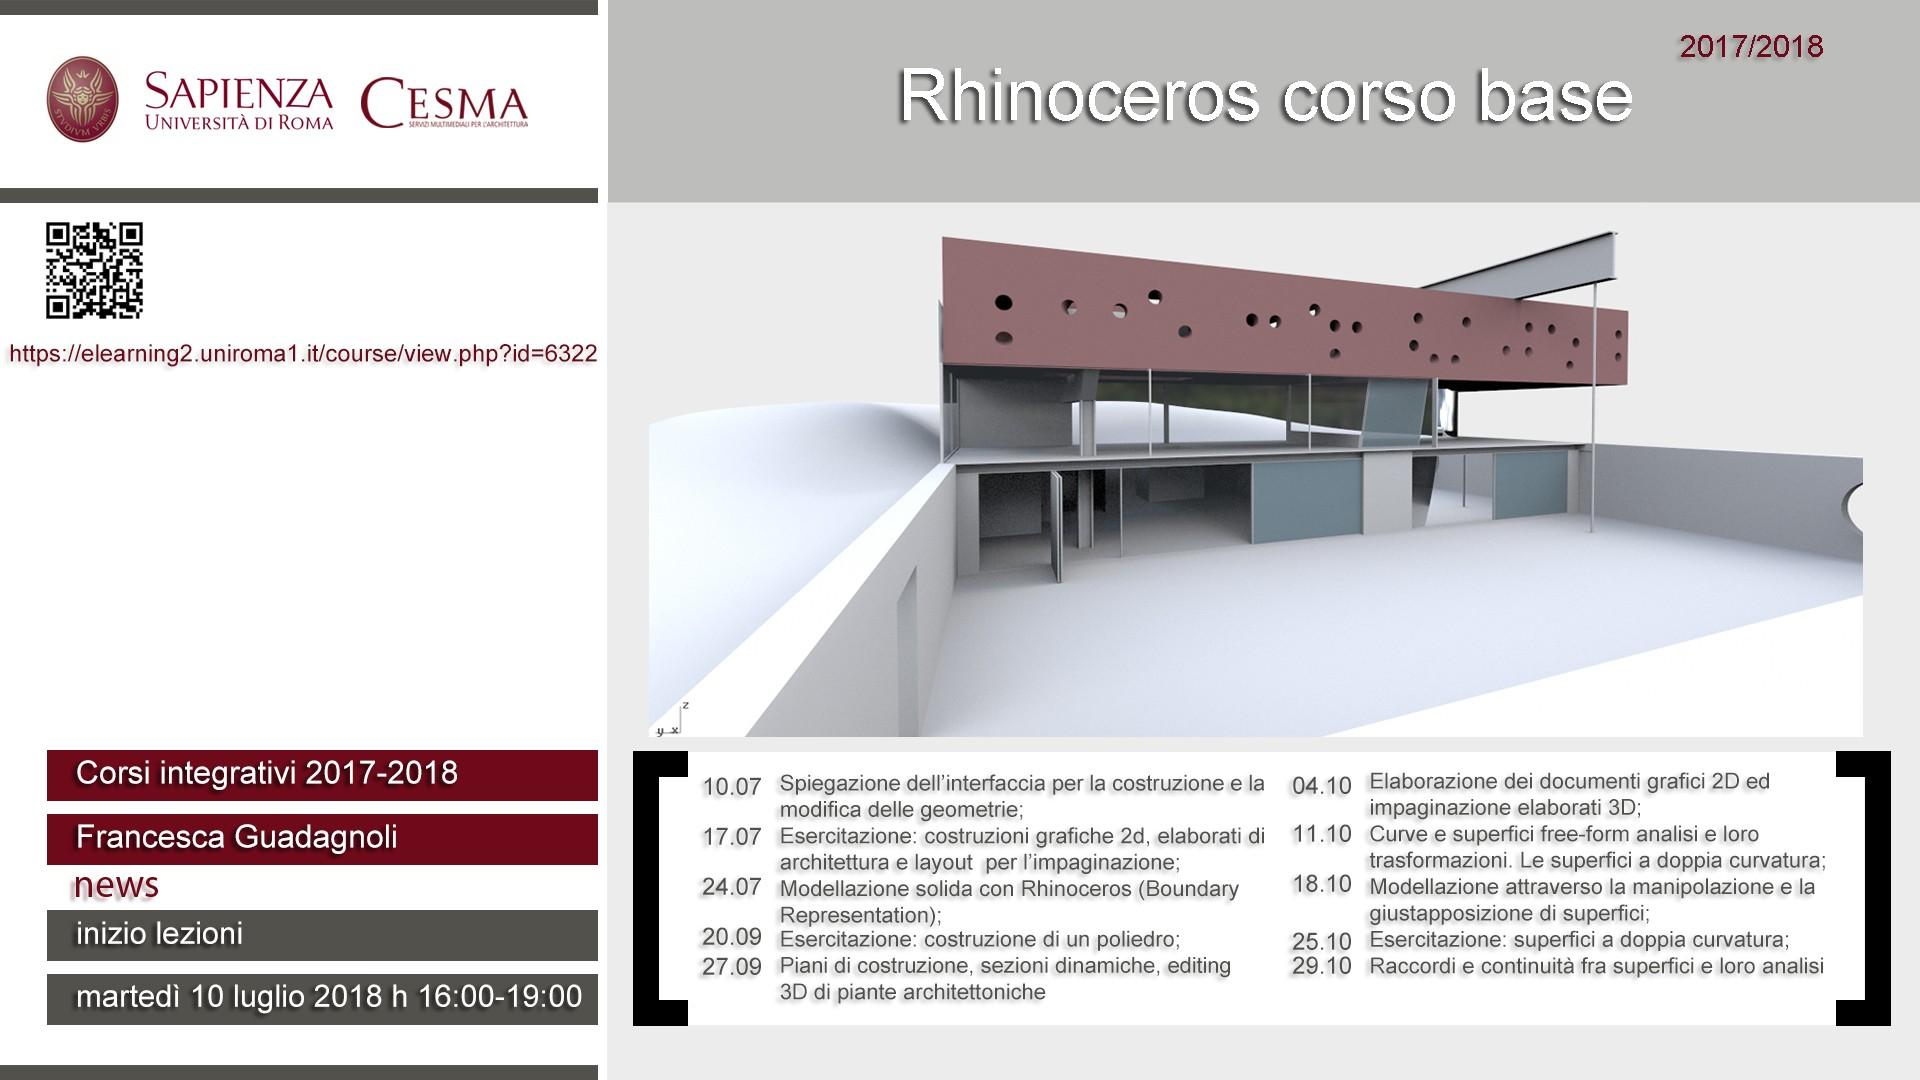 CeSMA 2018 Rhinoceros corso base